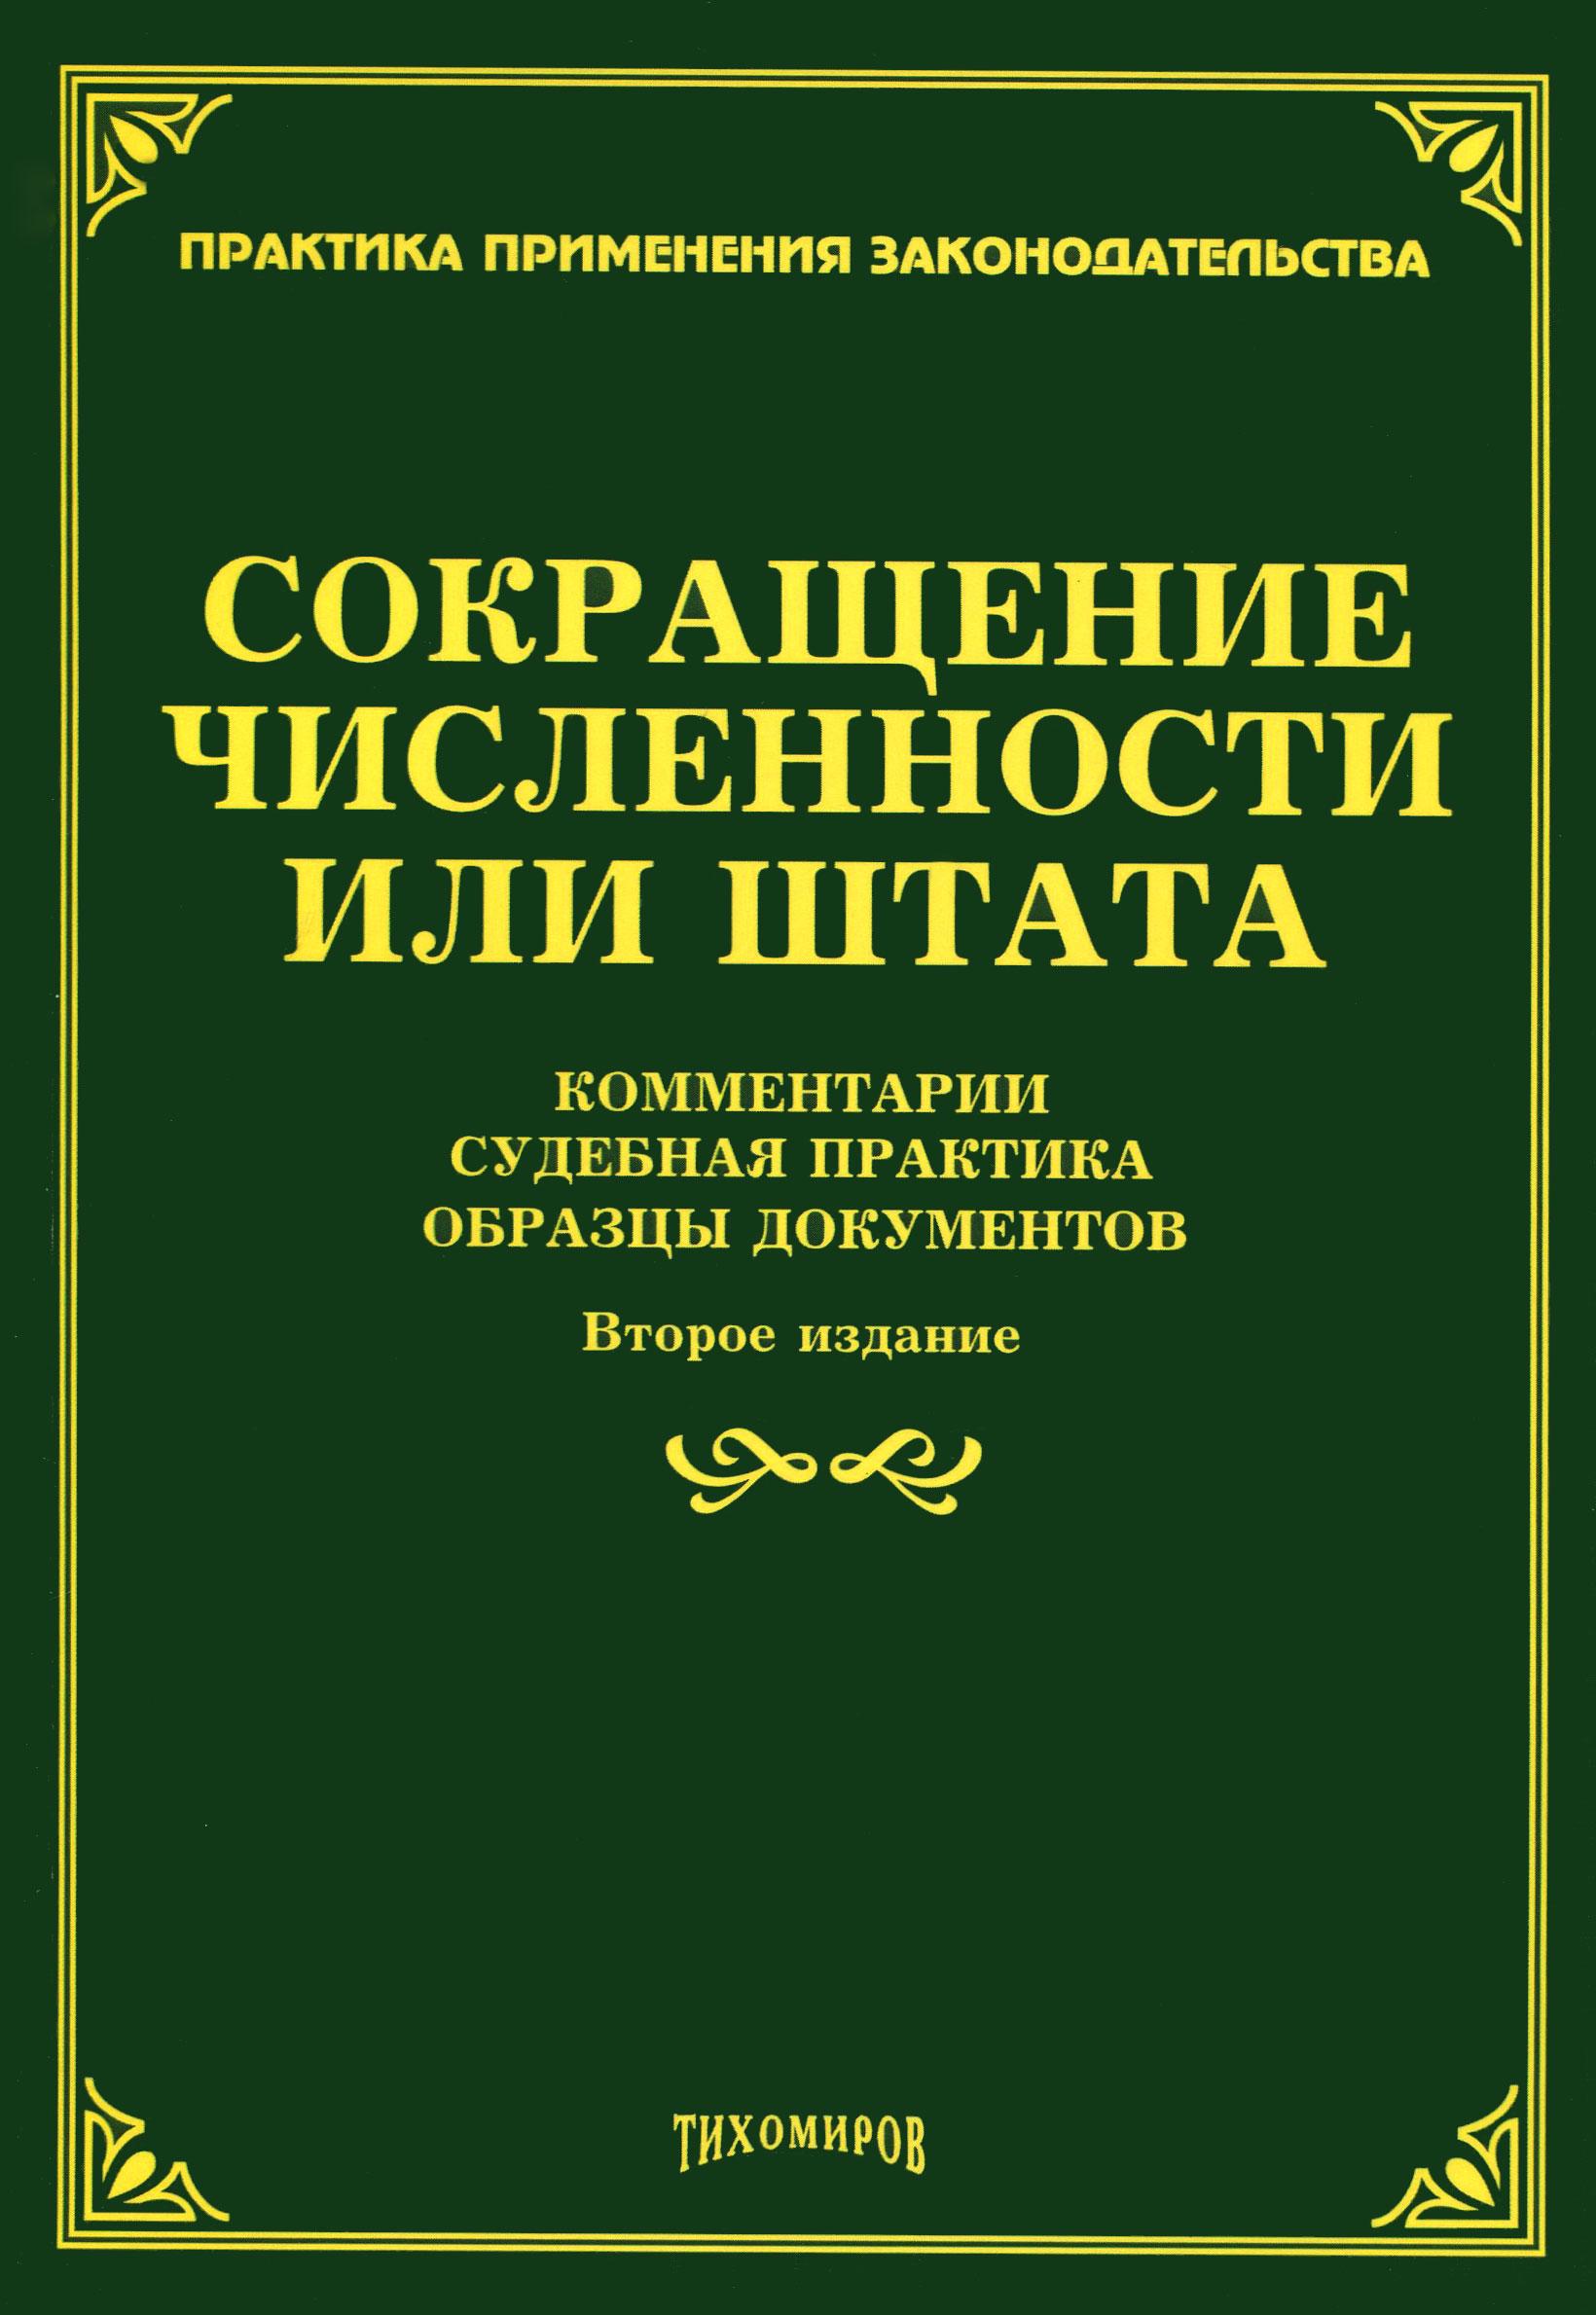 Сокращение численности или штата. Комментарии, судебная практика, образцы документов ( 978-5-89194-783-2 )